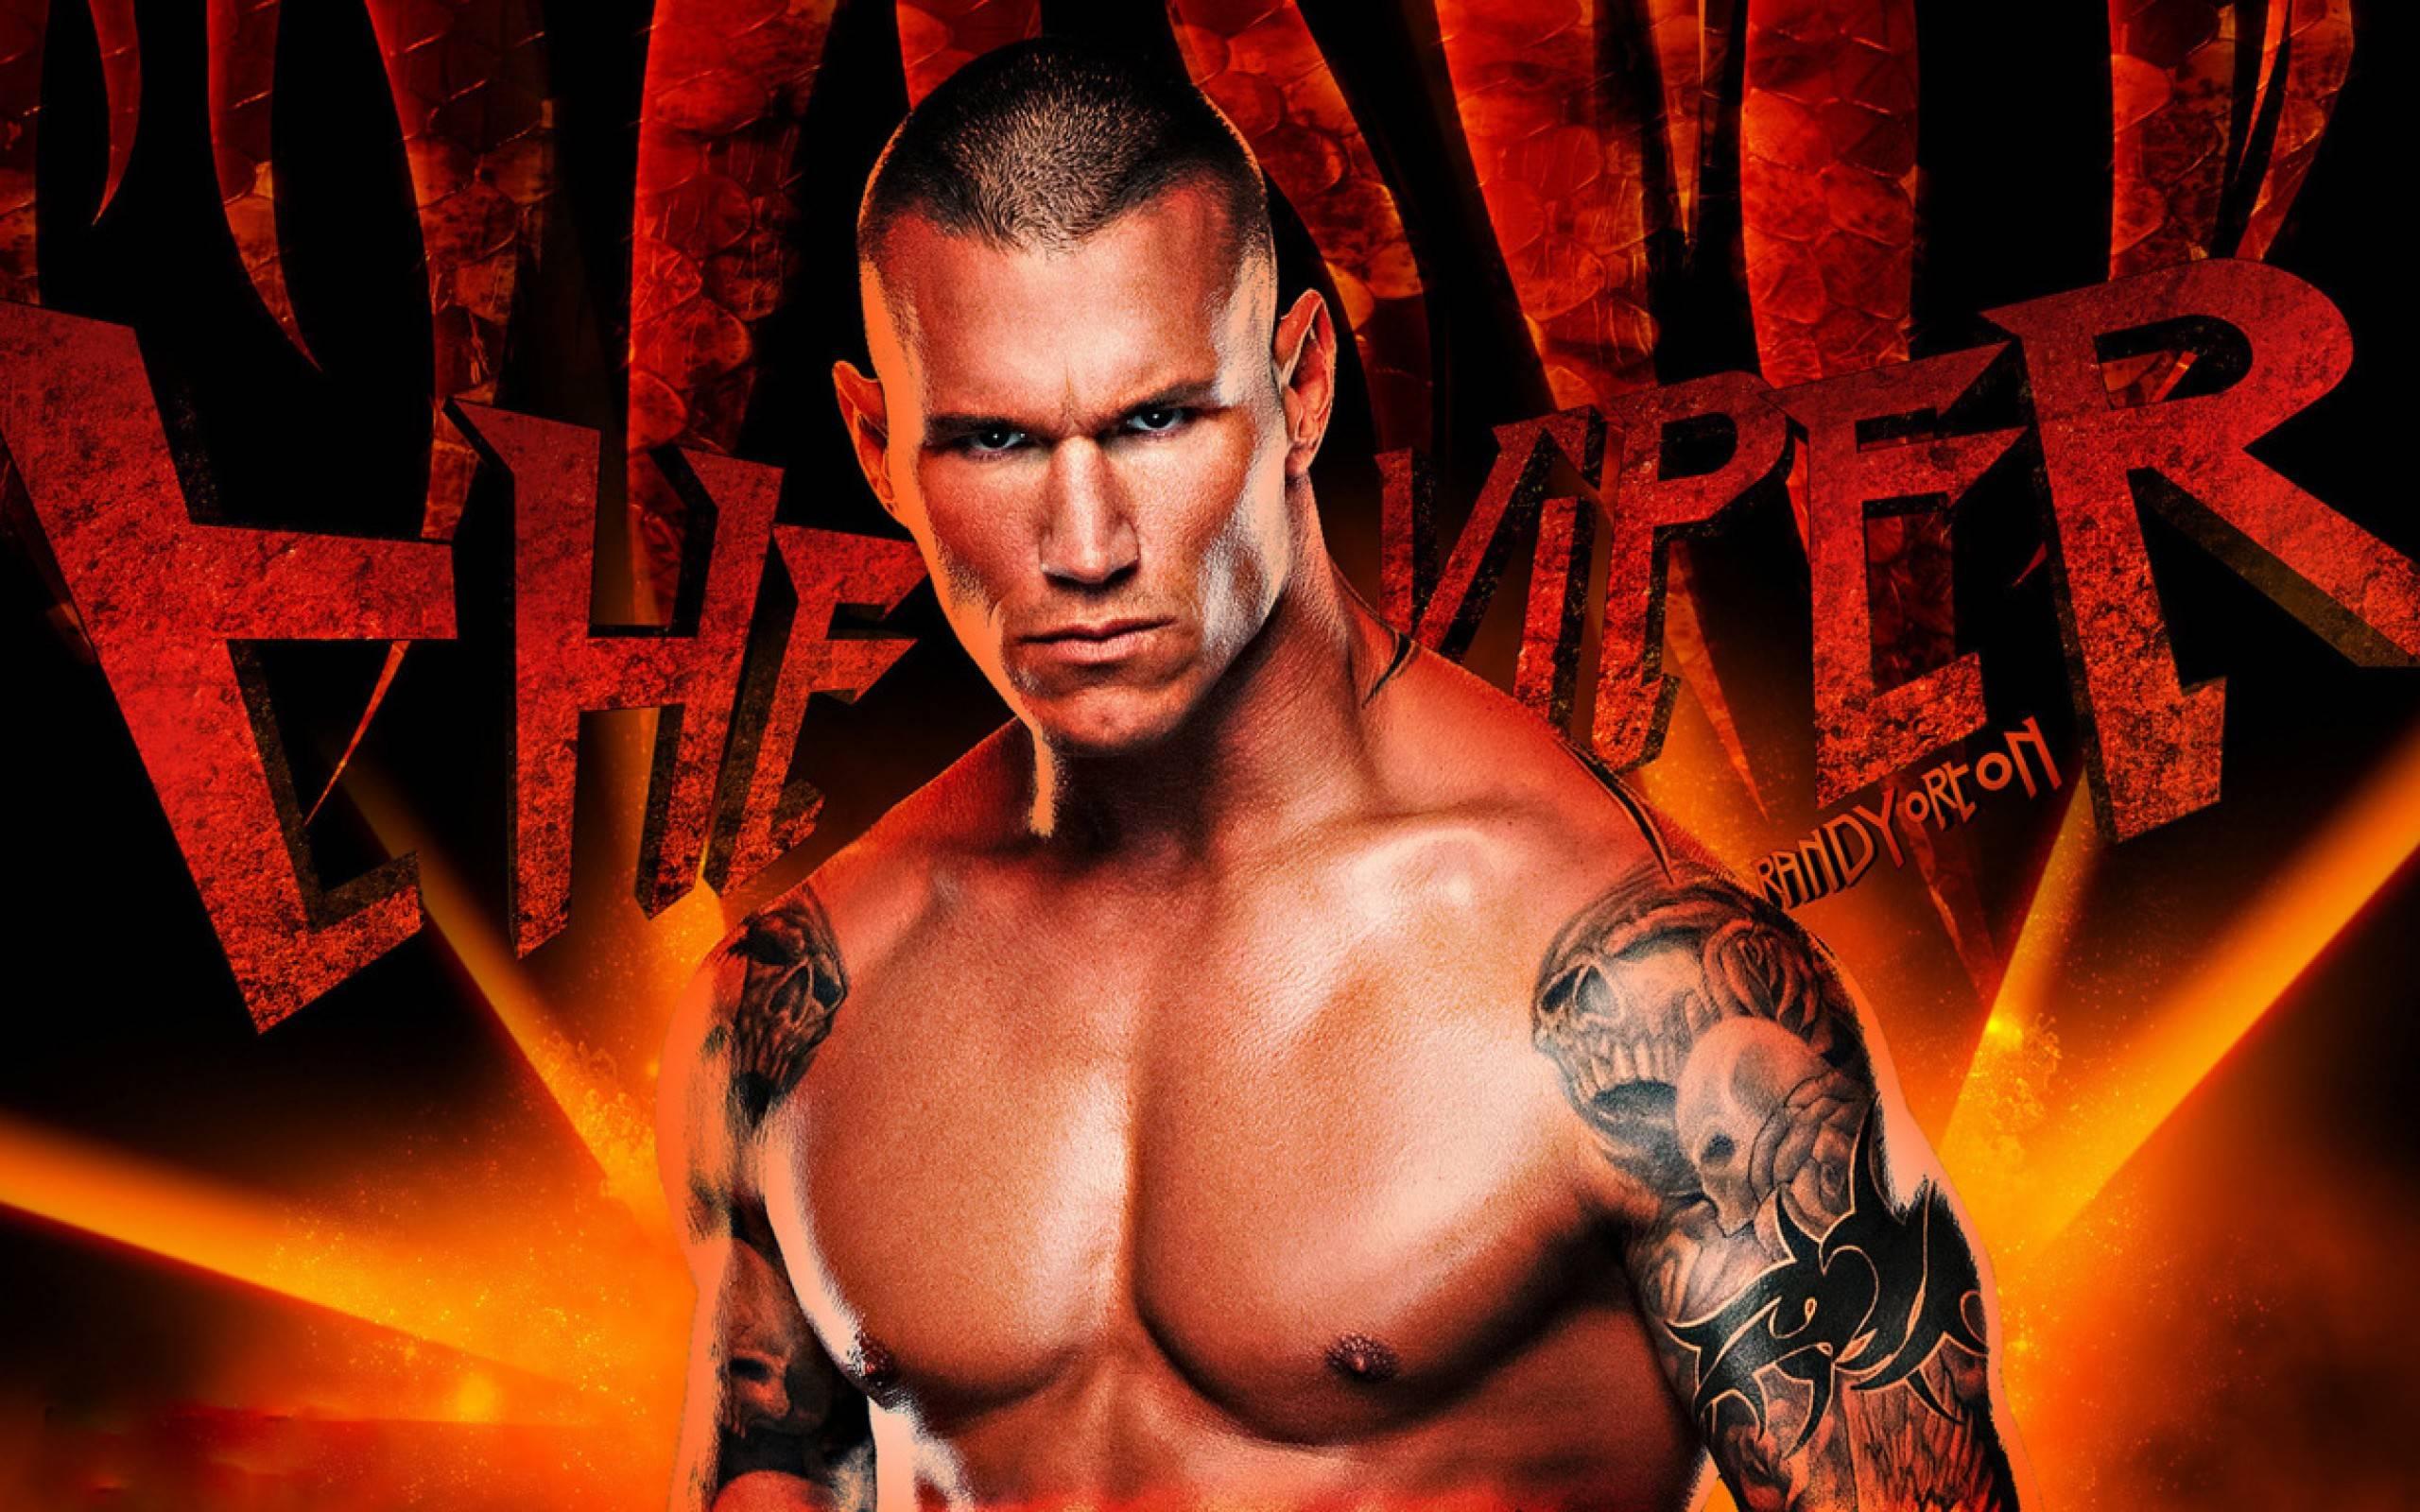 Randy Orton 2012 Wallpaper